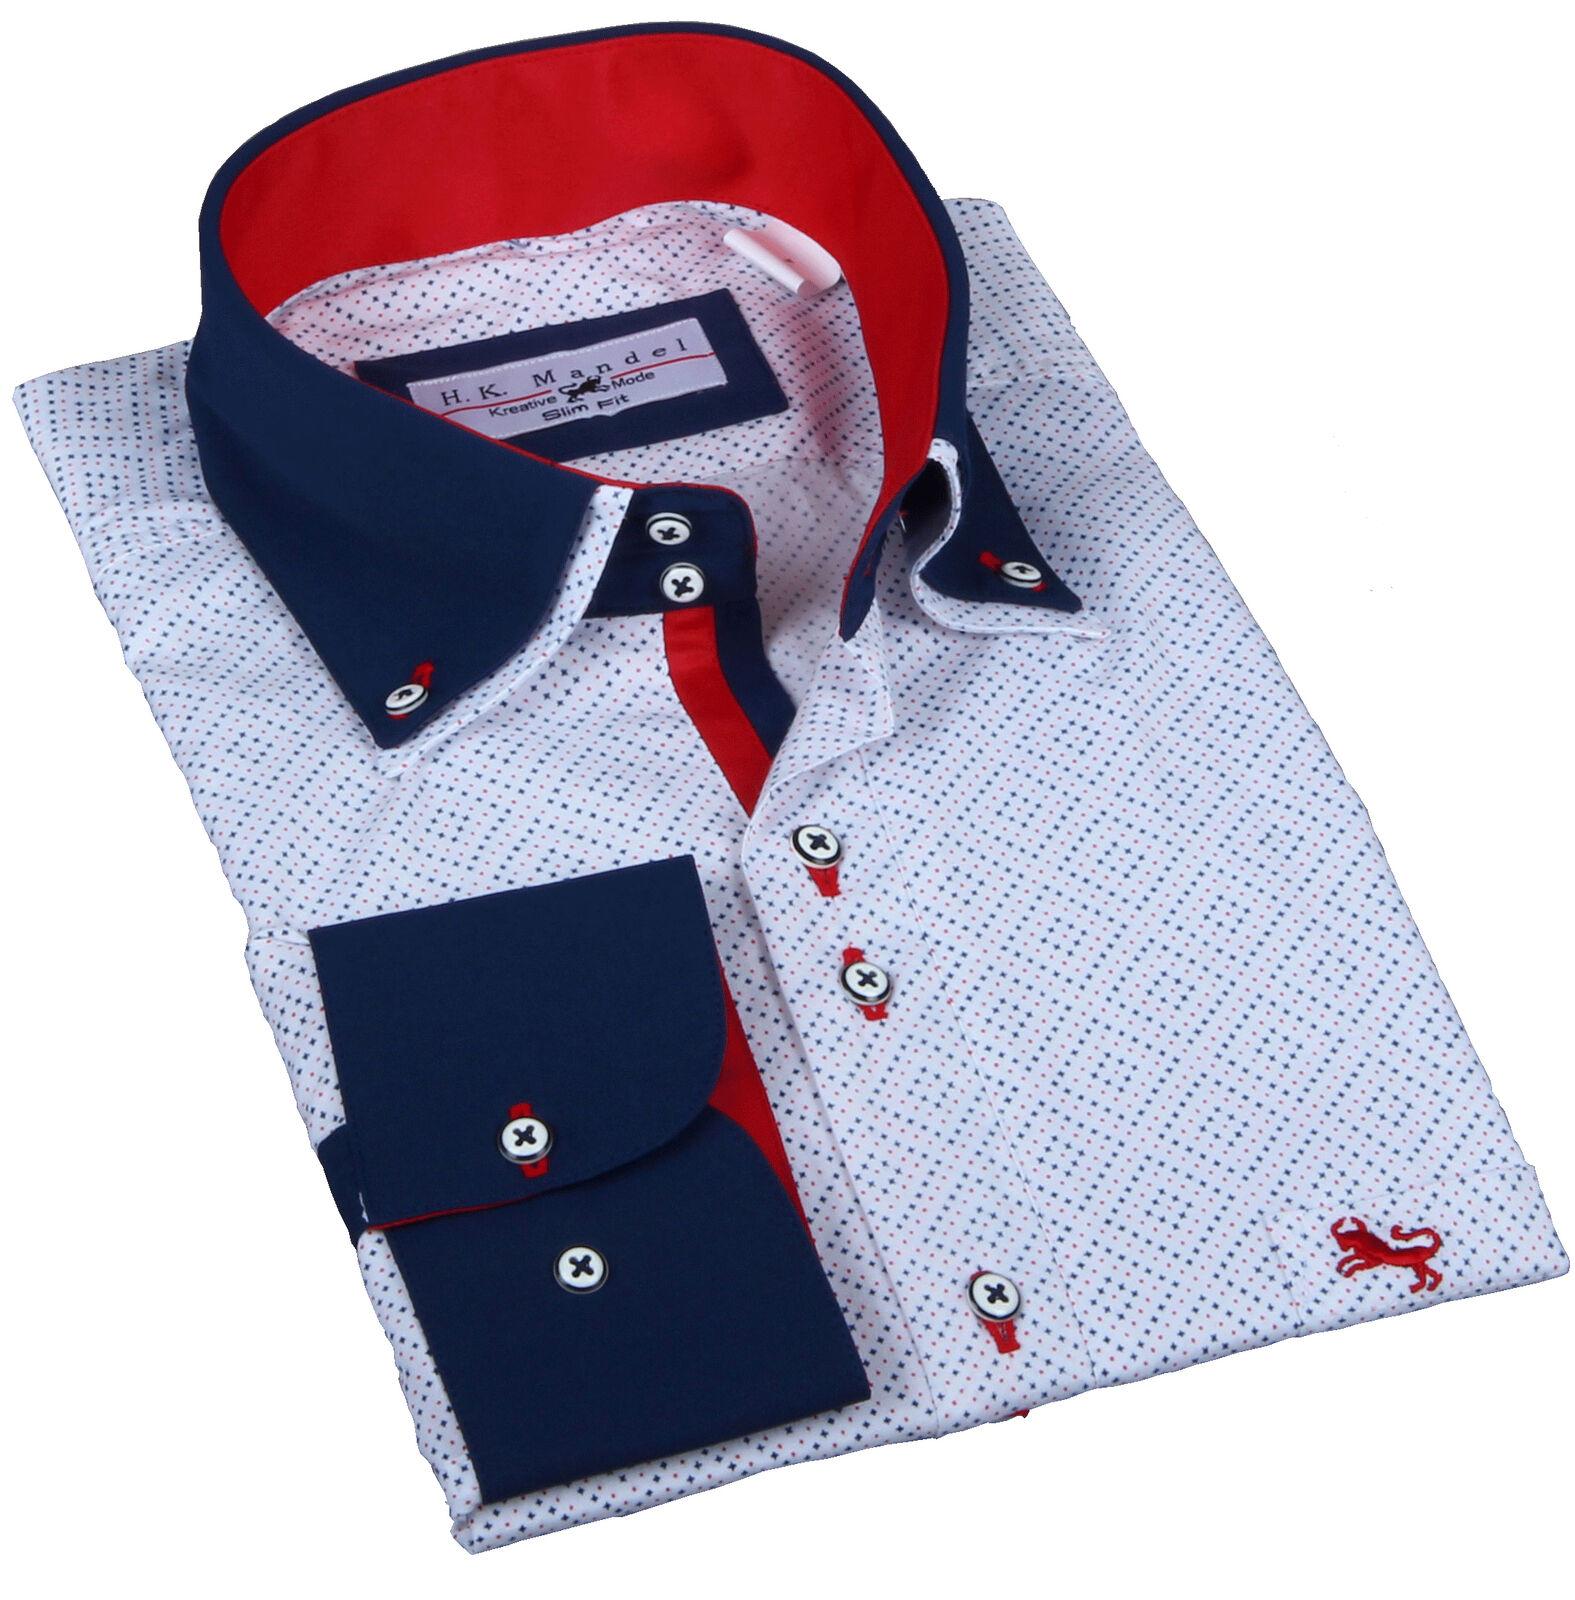 Particolare Camicia Slim Fit Bianco in si con motivo, da Uomo Retro-Vintage Camicia ne...